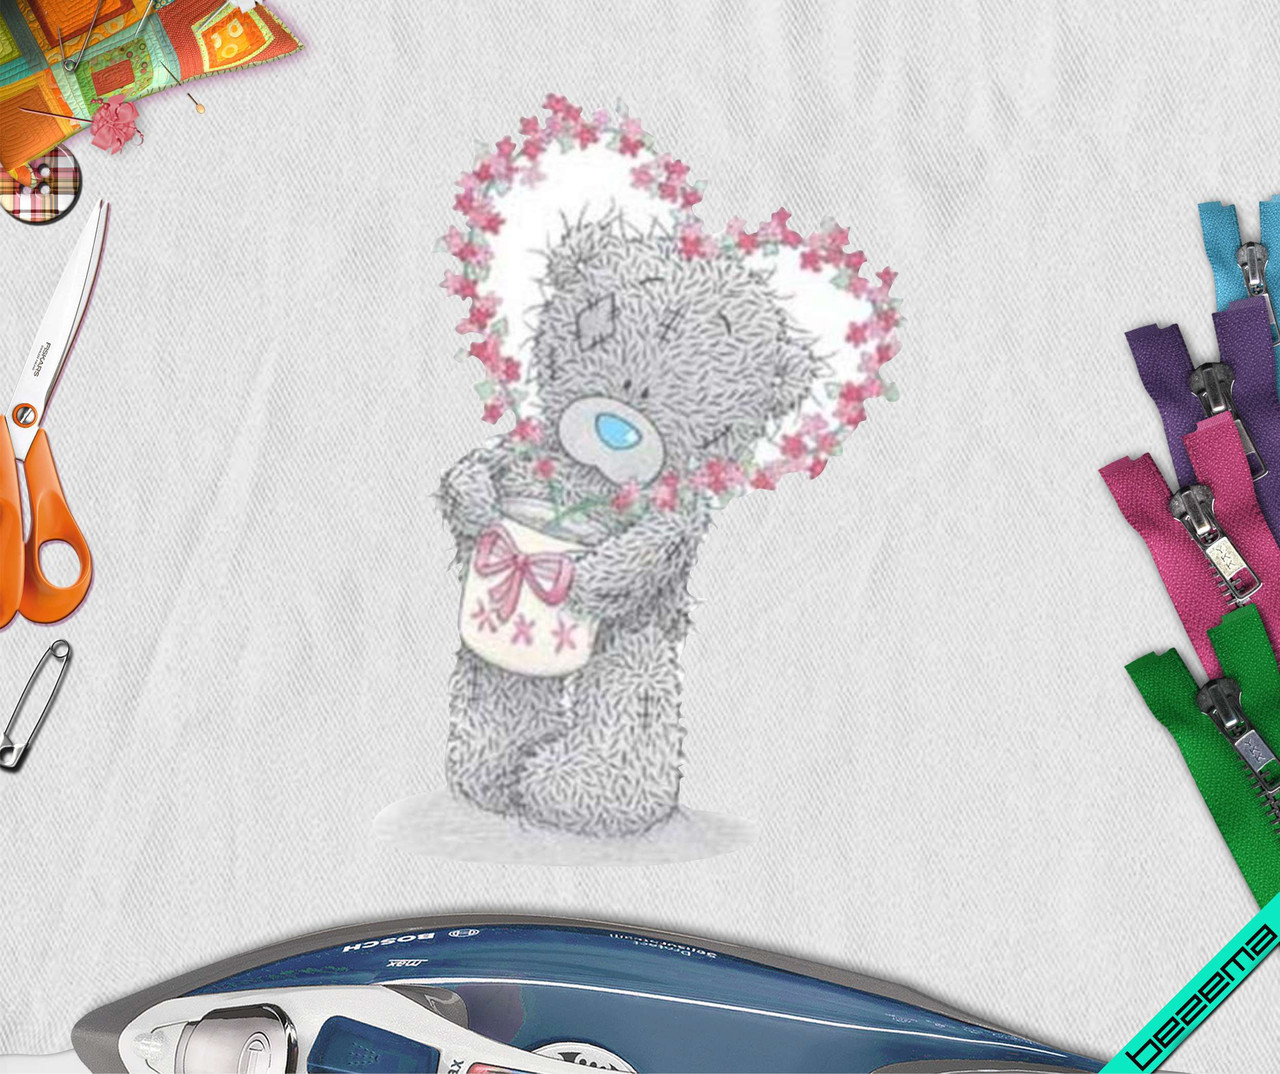 Рисунки на кофты Teddy Bear [Свой размер и материалы в ассортименте]